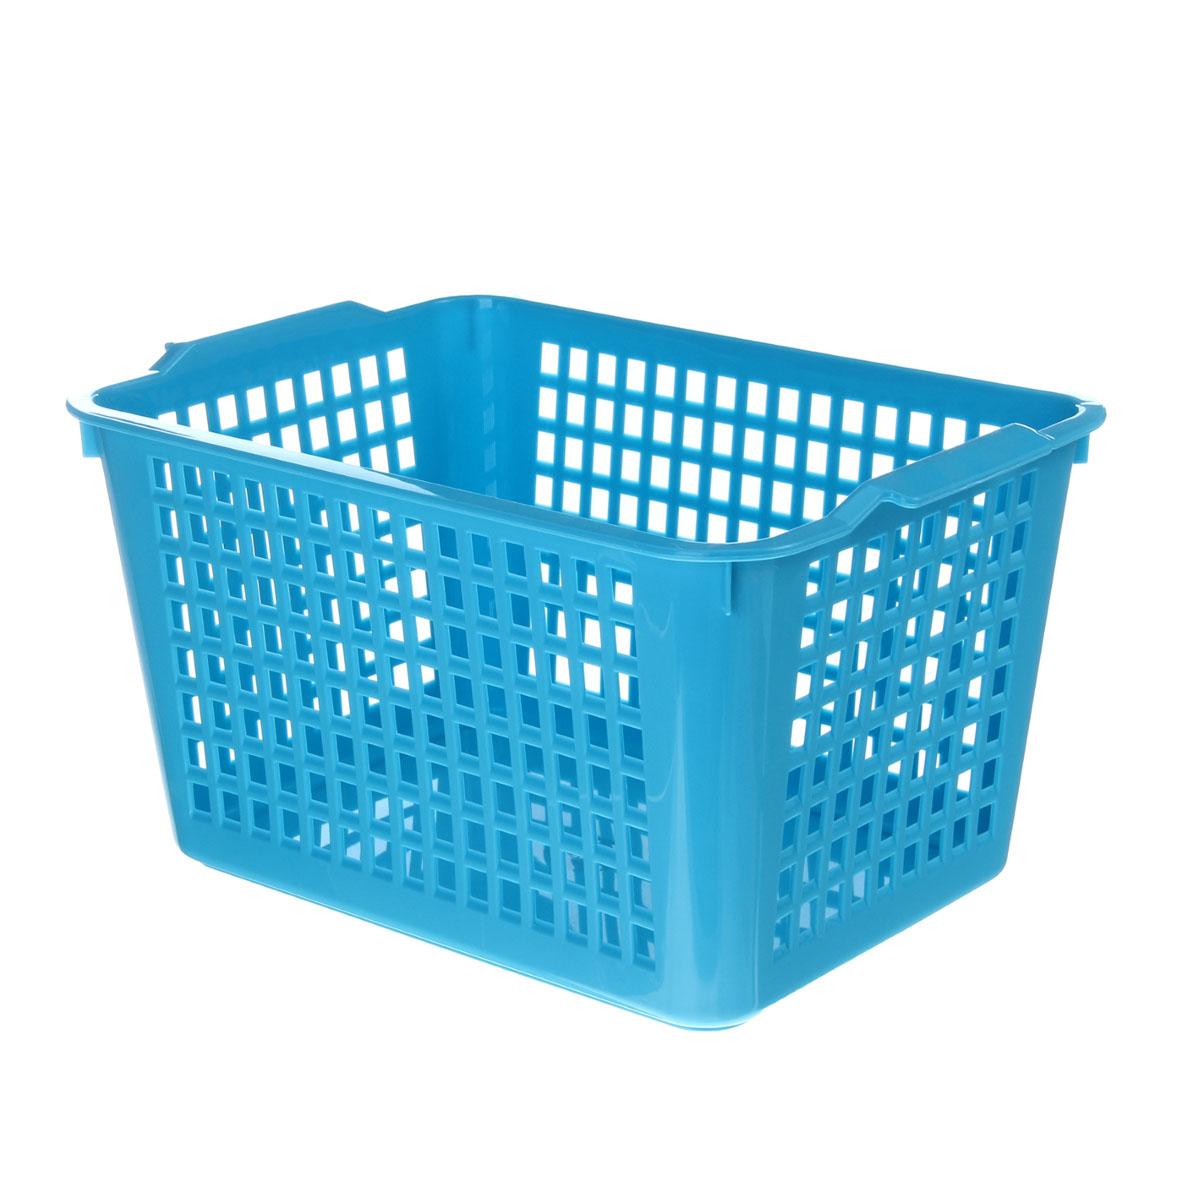 Корзинка Econova, цвет: голубой, 27 х 19 х 14,5 см718341Корзинка Econova, изготовленная из высококачественного прочного пластика, предназначена для хранения мелочей в ванной, на кухне, даче или гараже. Изделие оснащено двумя удобными ручками. Это легкая корзина со сплошным дном, жесткой кромкой и небольшими отверстиями позволяет хранить мелкие вещи, исключая возможность их потери.